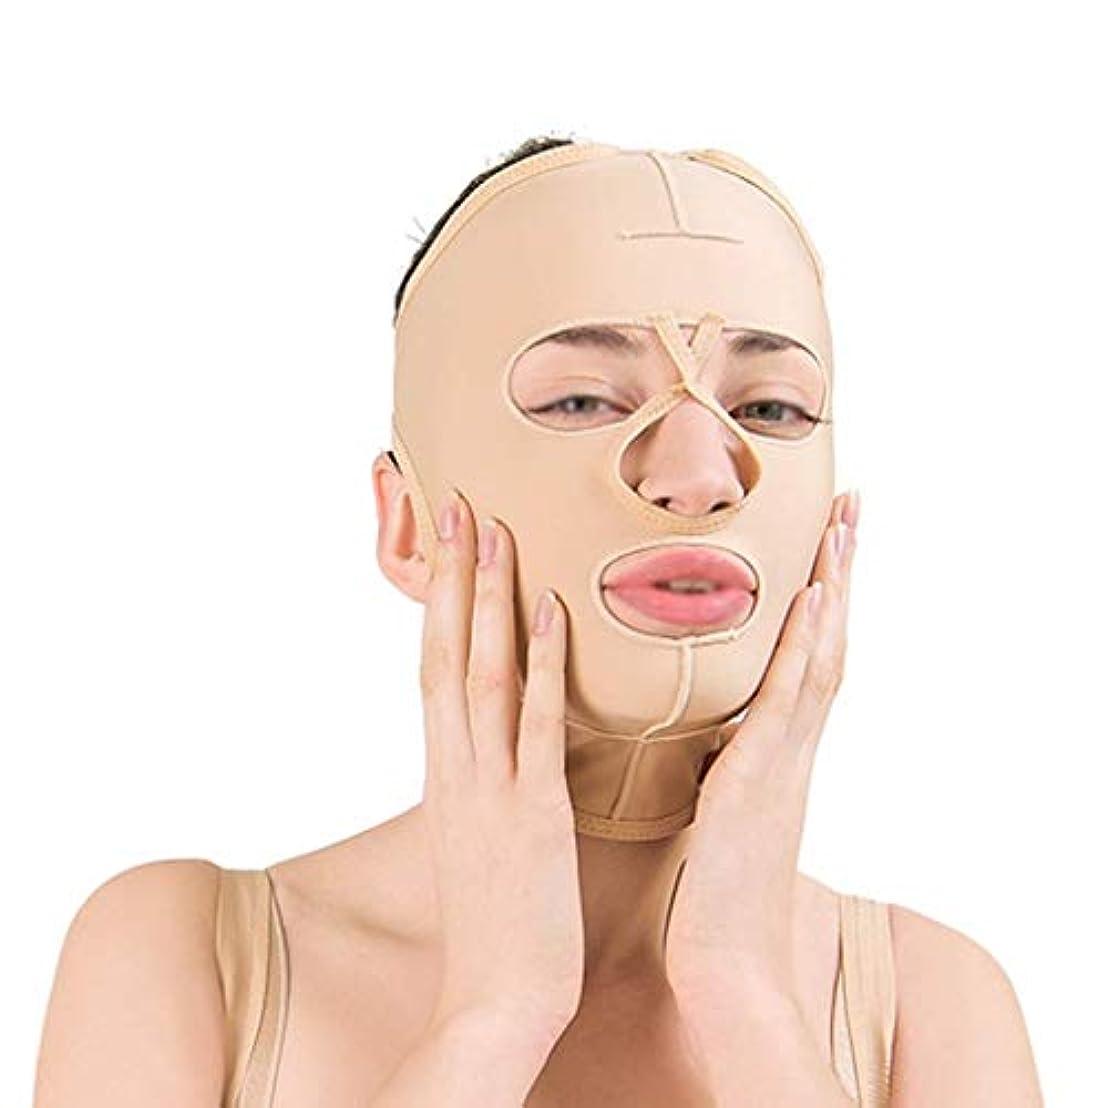 肉の意識的宙返りフェイススリミングマスク、フェイスバンデージ付きフェイシャル減量マスク、通気性フェイスリフト、引き締め、フェイスリフティング(サイズ:L),S